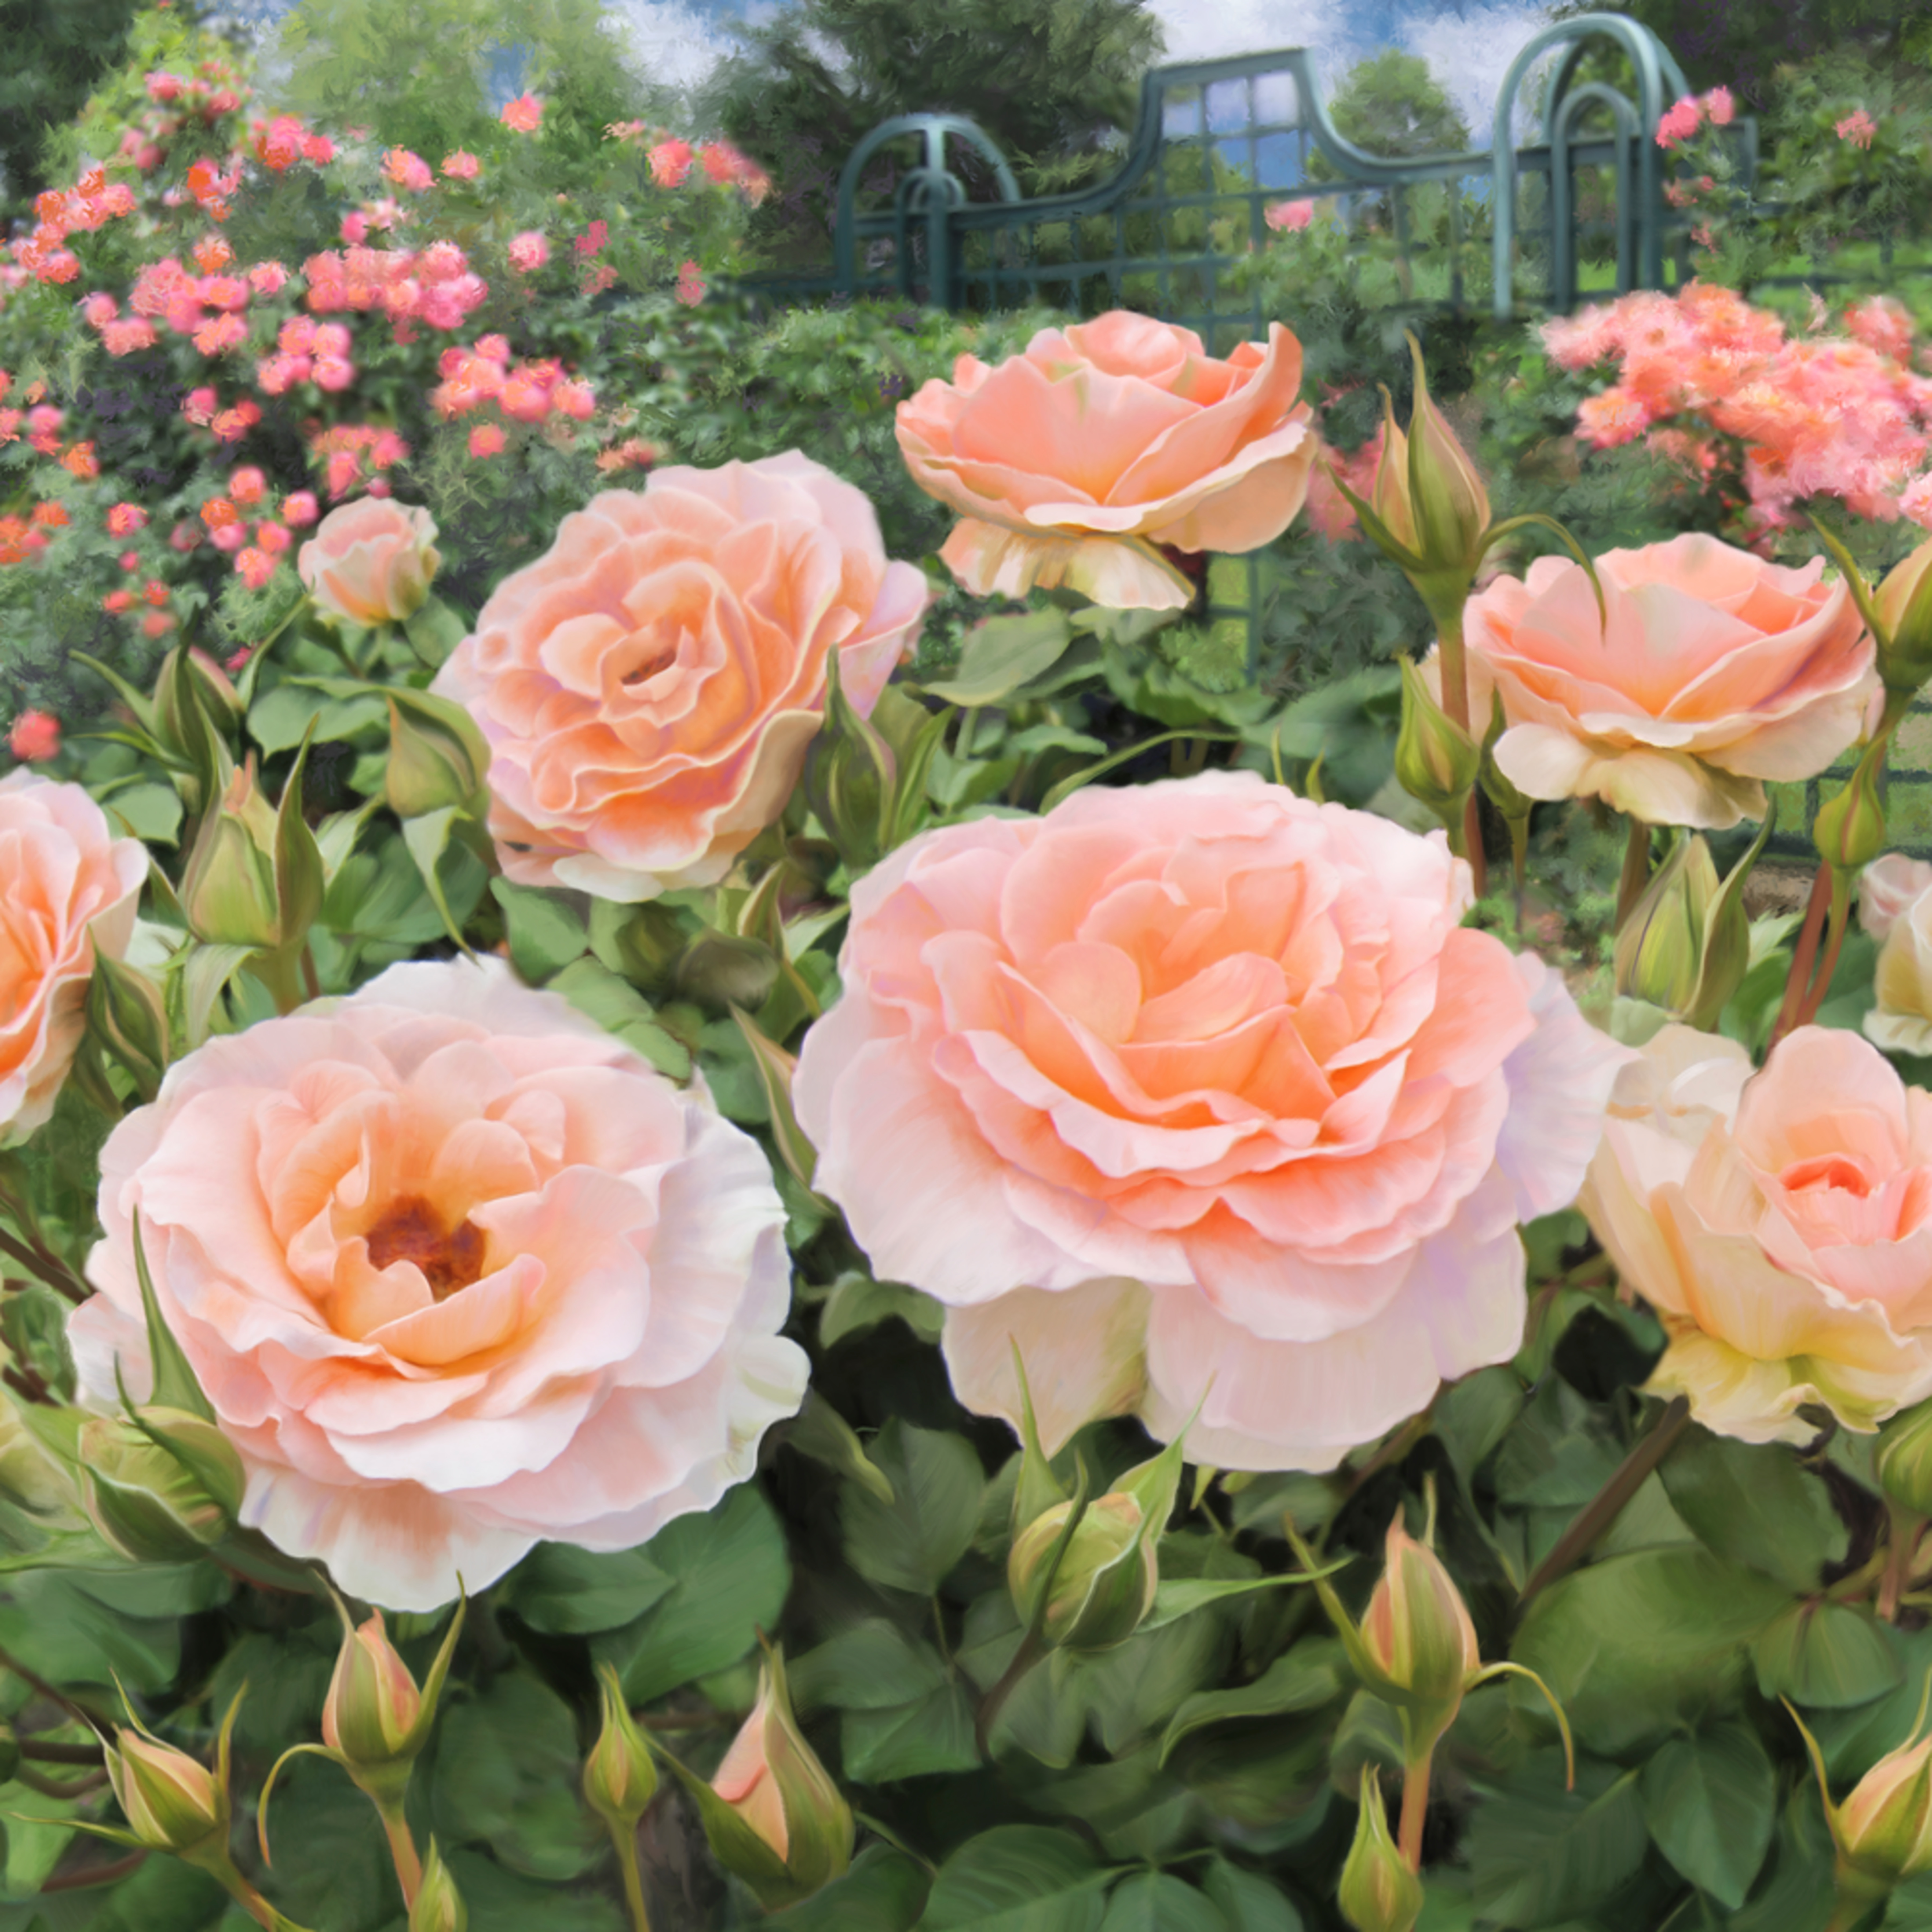 140102 ahern peggys rose garden 24x36x300 z8tqep